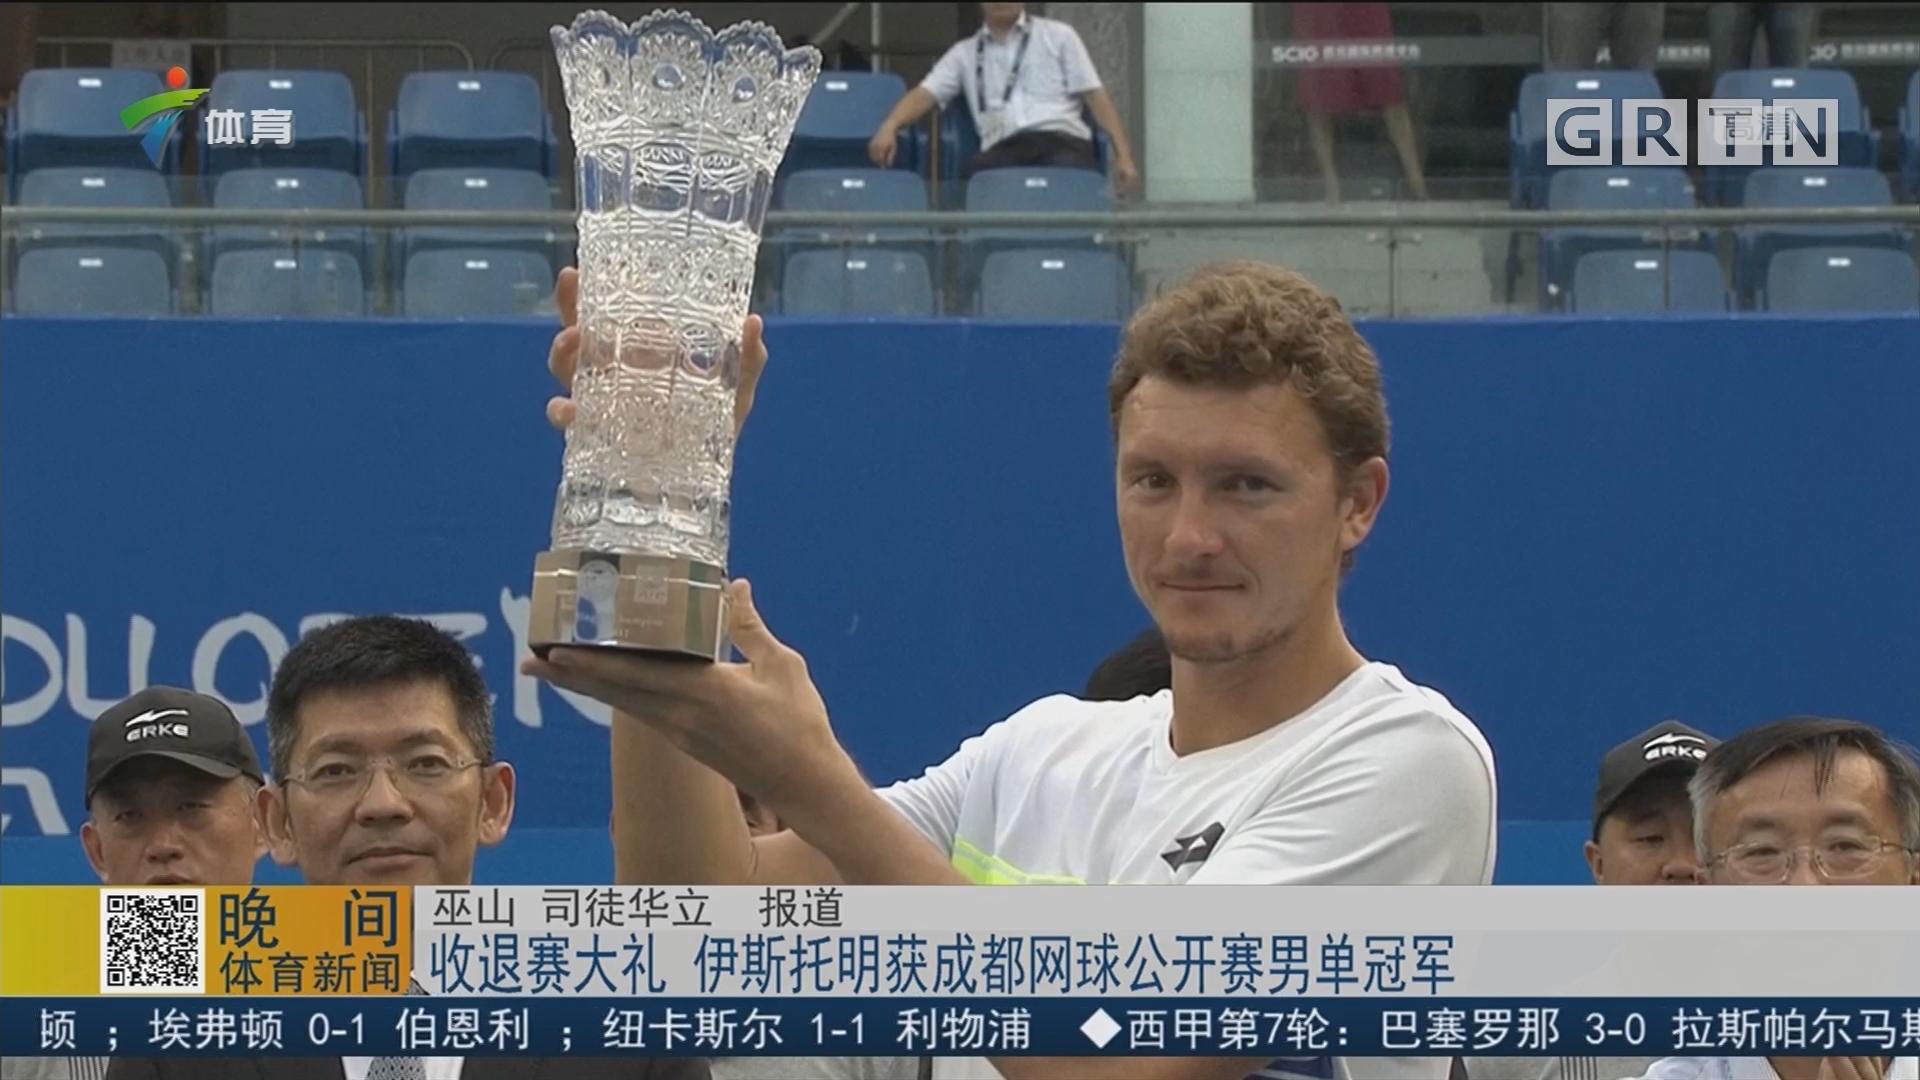 收退赛大礼 伊斯托明获成都网球公开赛男单冠军